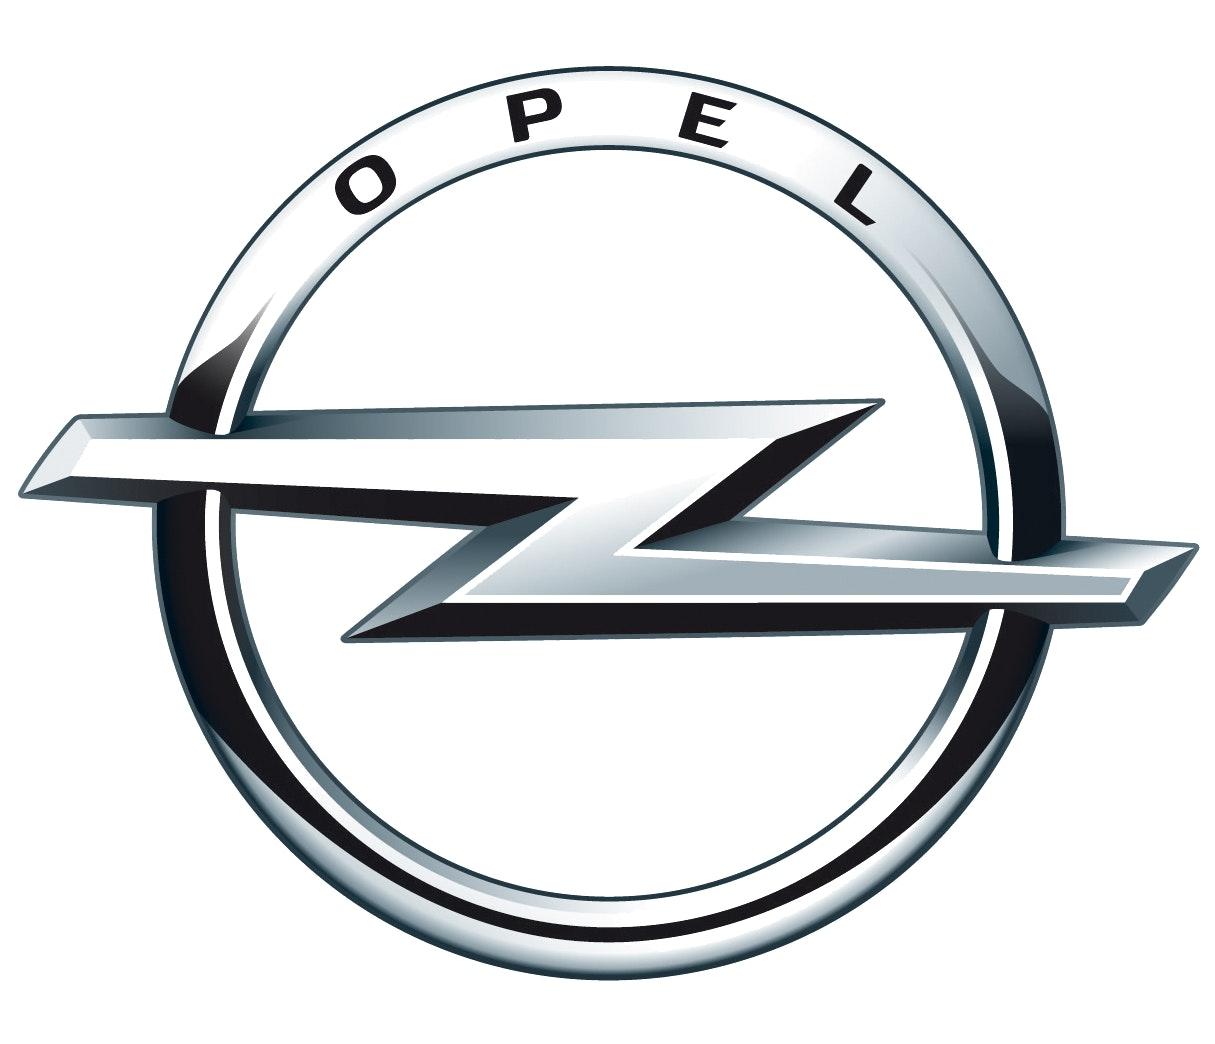 Opel international -- everyman's german car